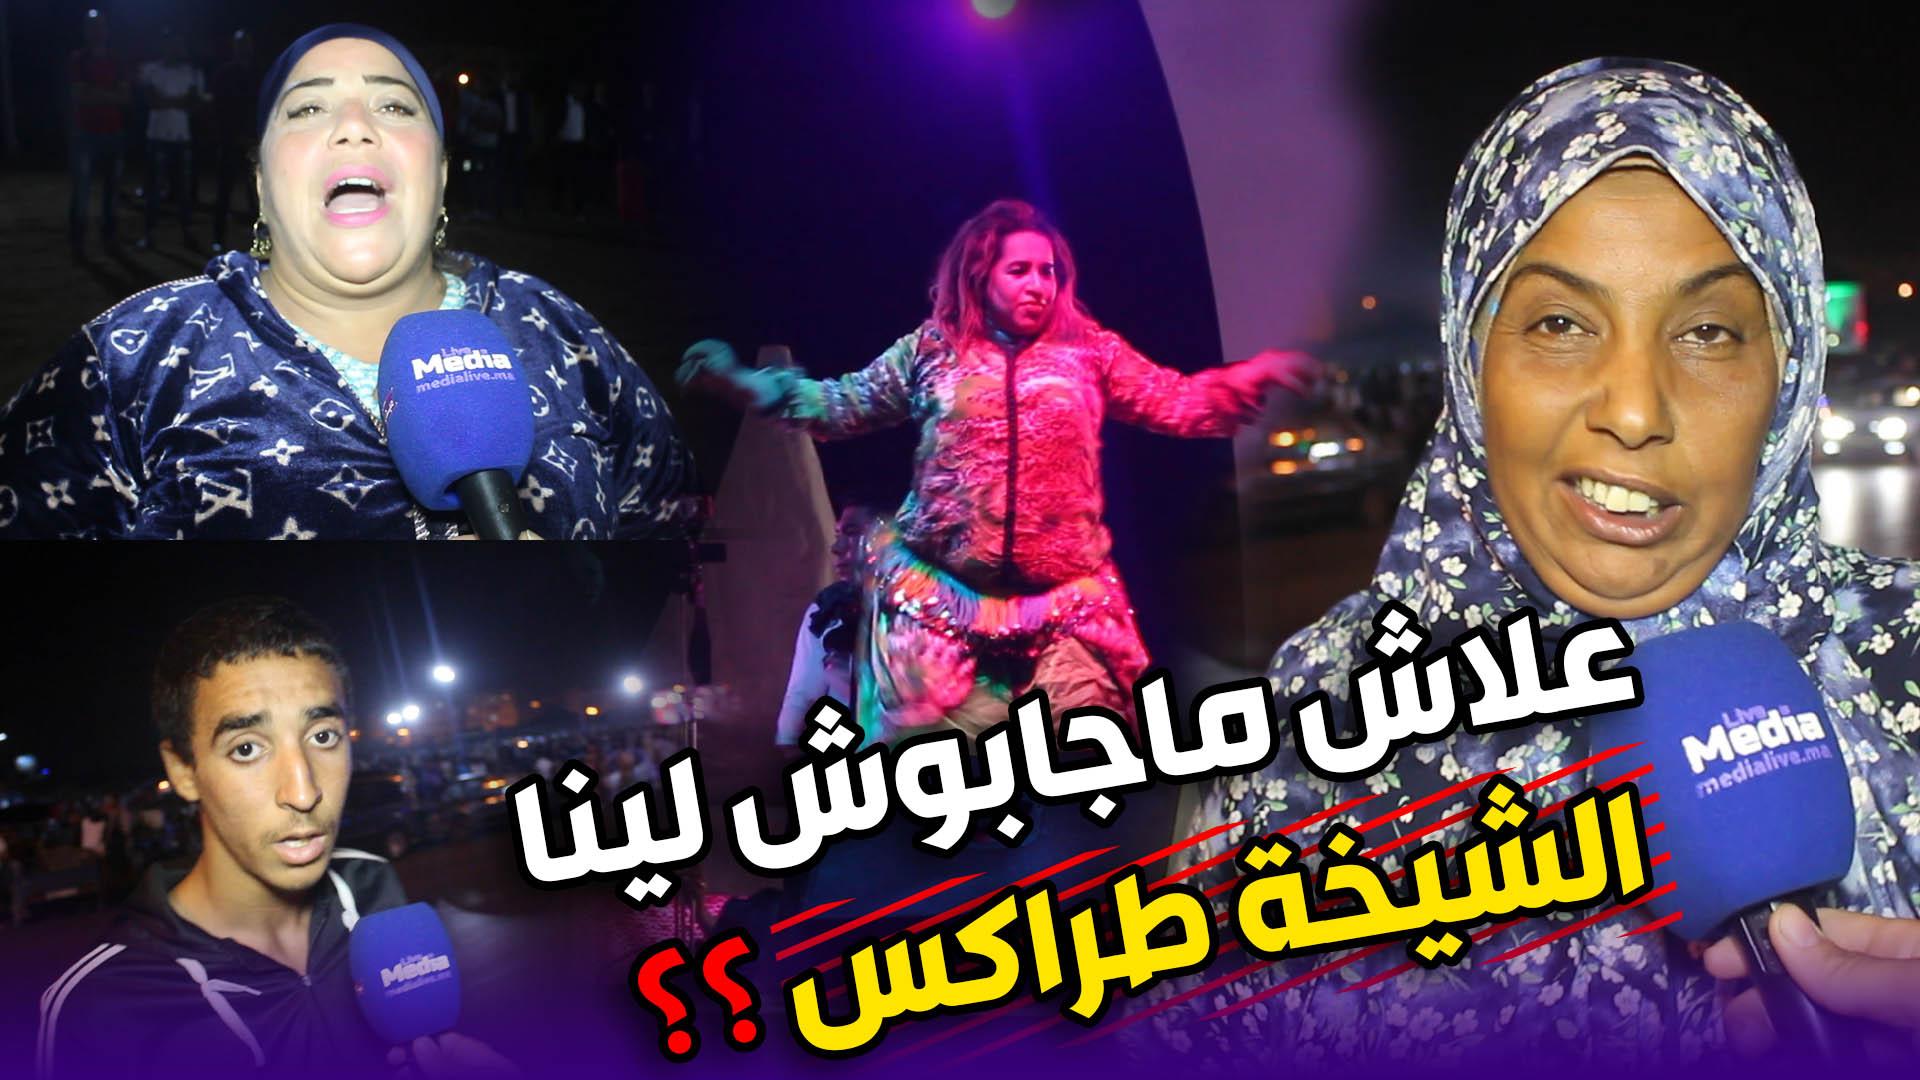 الجمهور طالع ليه الدم .. علاش ماجابوش لينا الشيخة الطراكس .. جينا على ودها